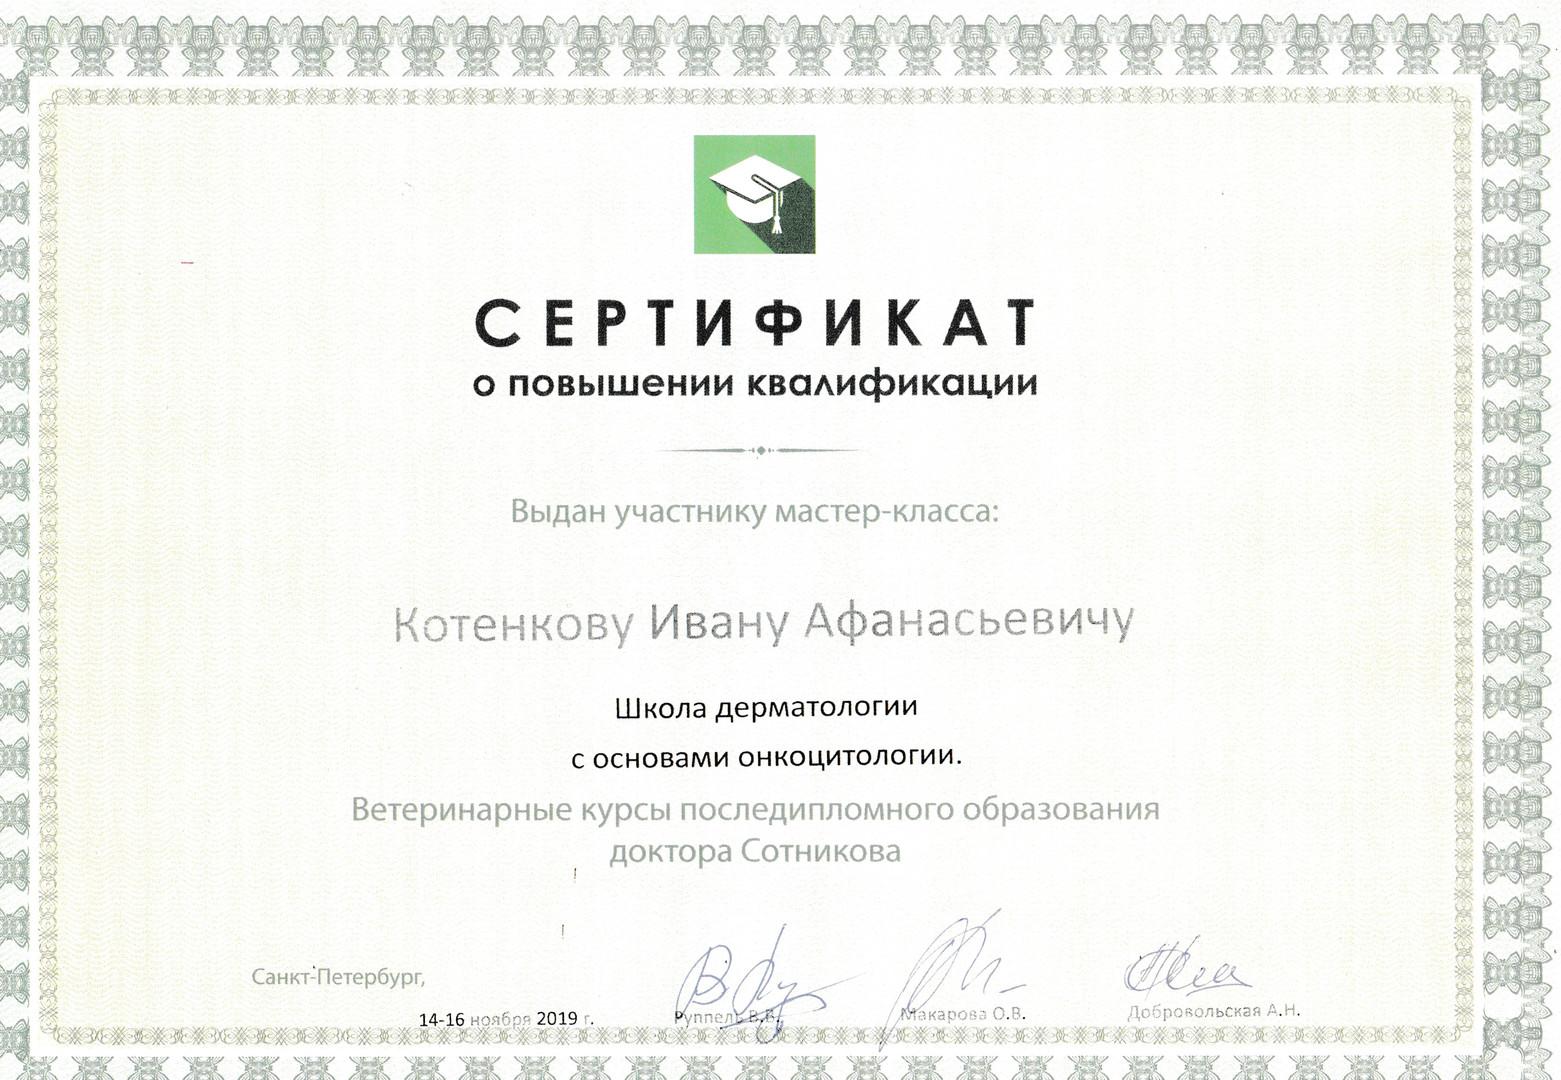 Ветеринарный дерматолог в Калуге